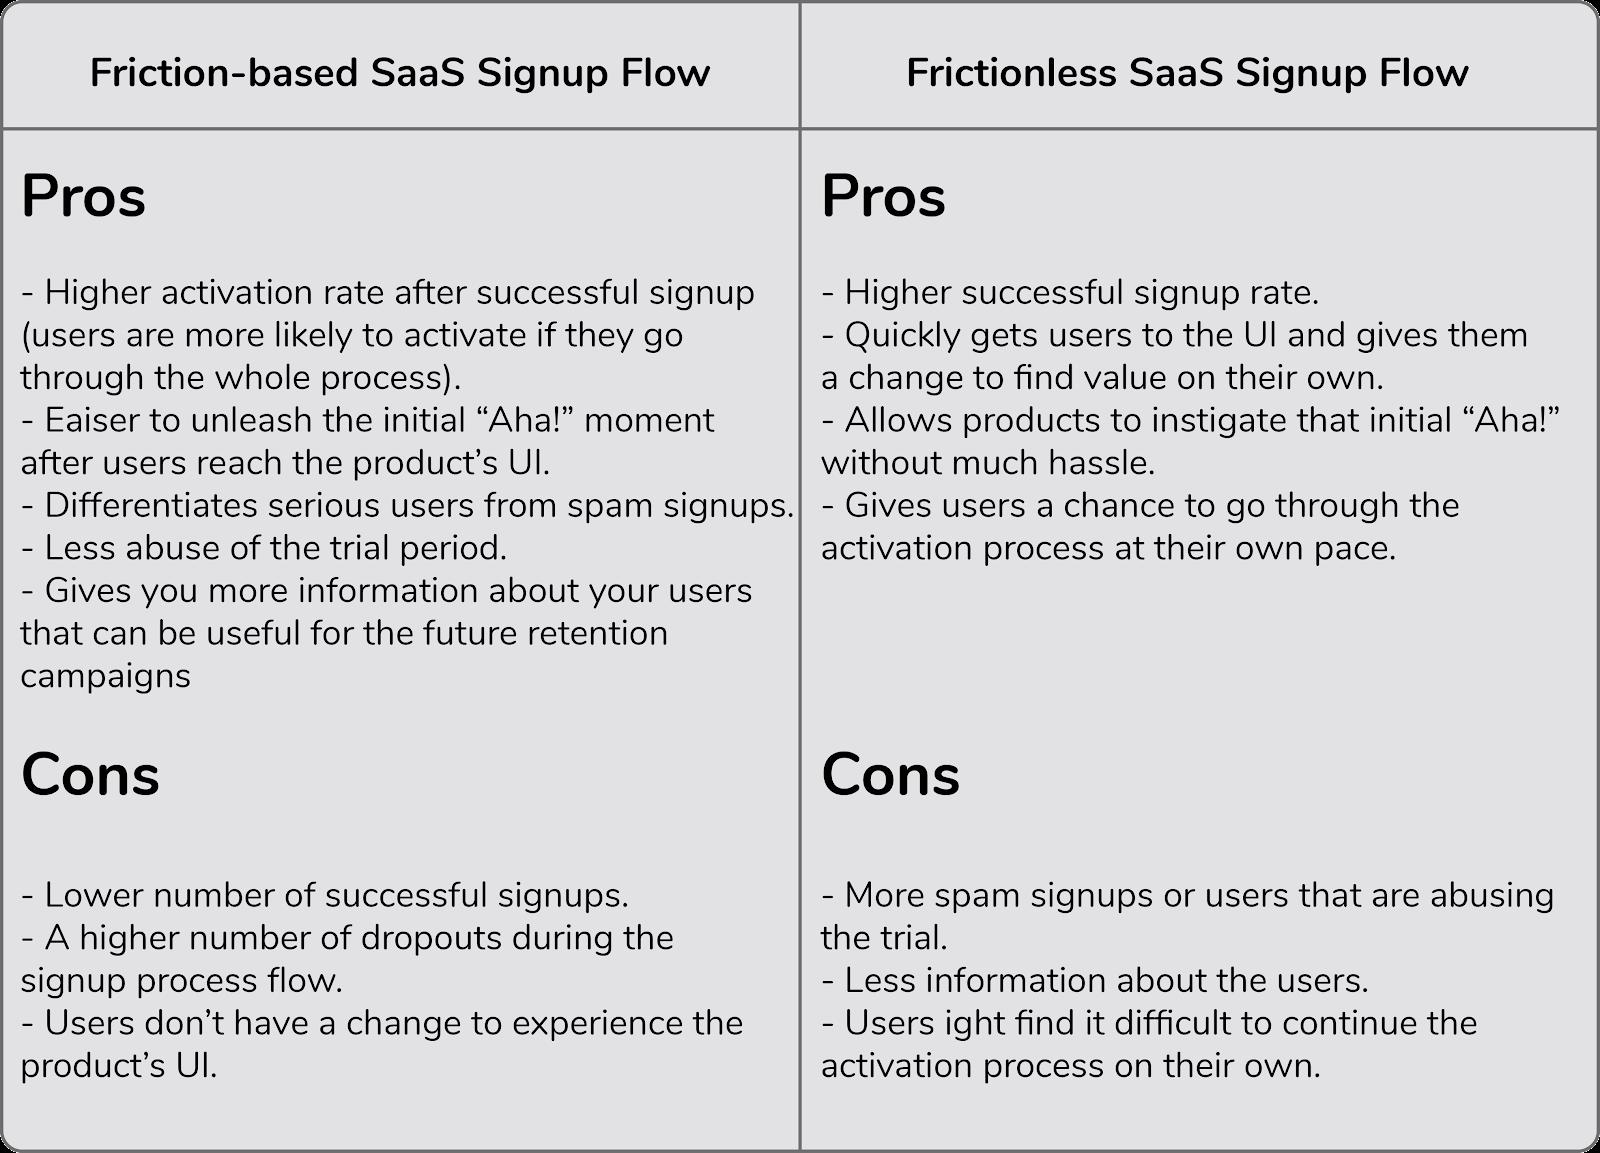 SaaS Signup Flow